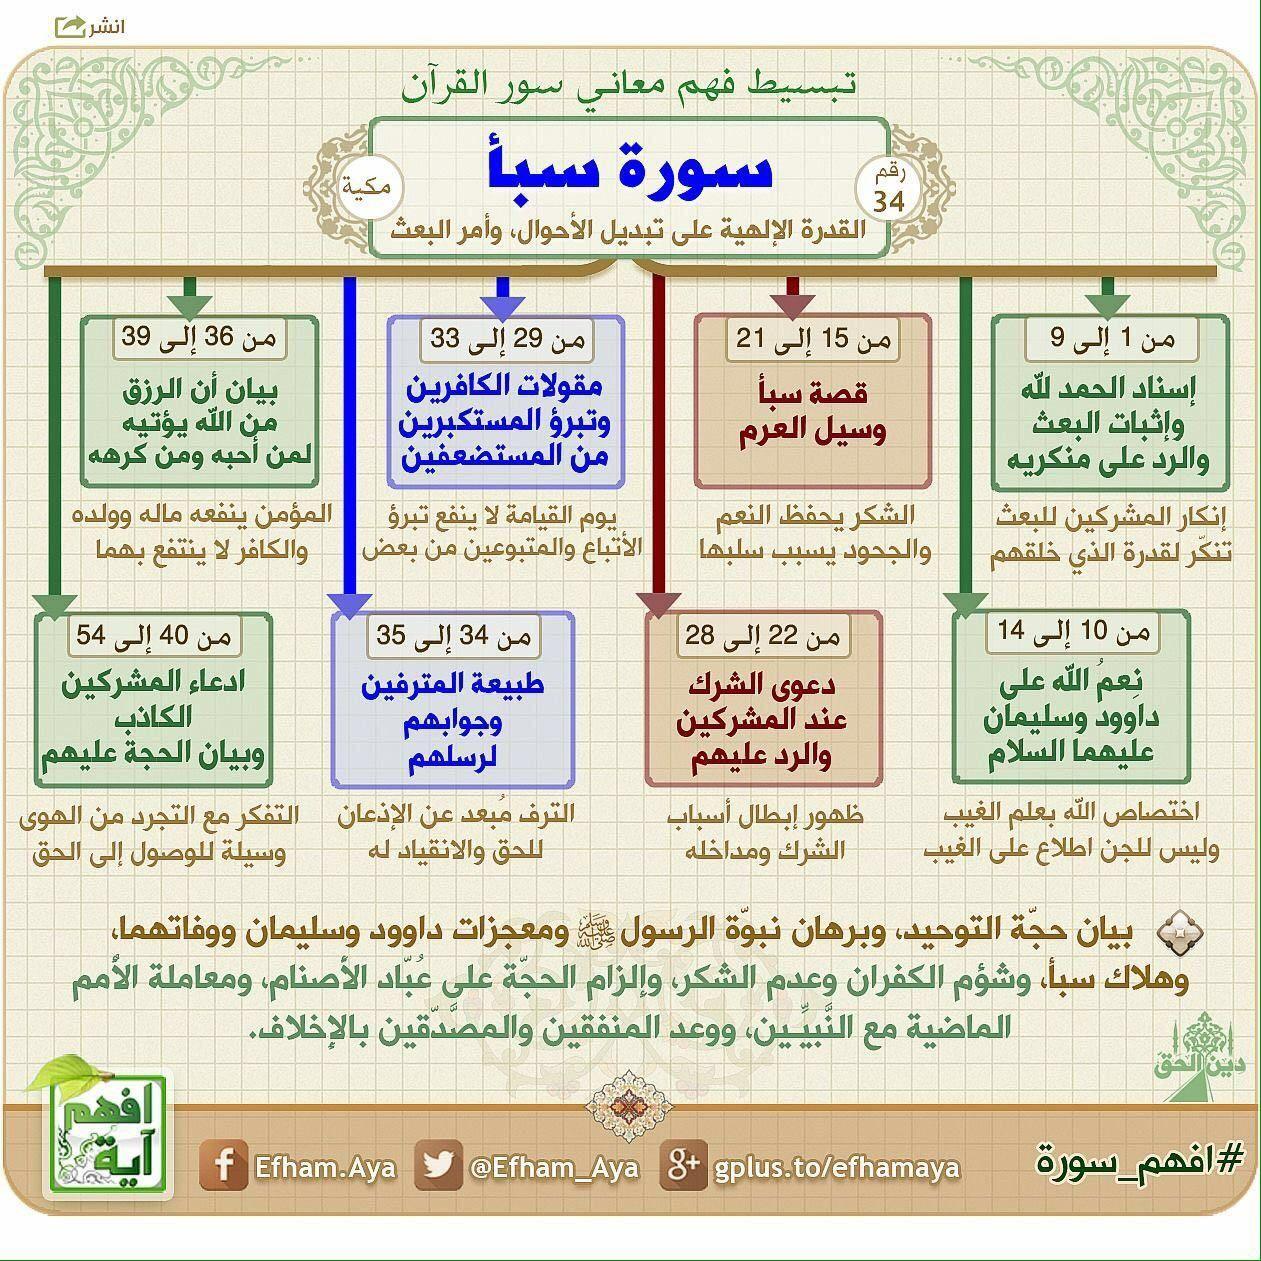 Pin By Mohadsh On تعلم القرآن الكريم Quran Tafseer Quran Book Quran Recitation